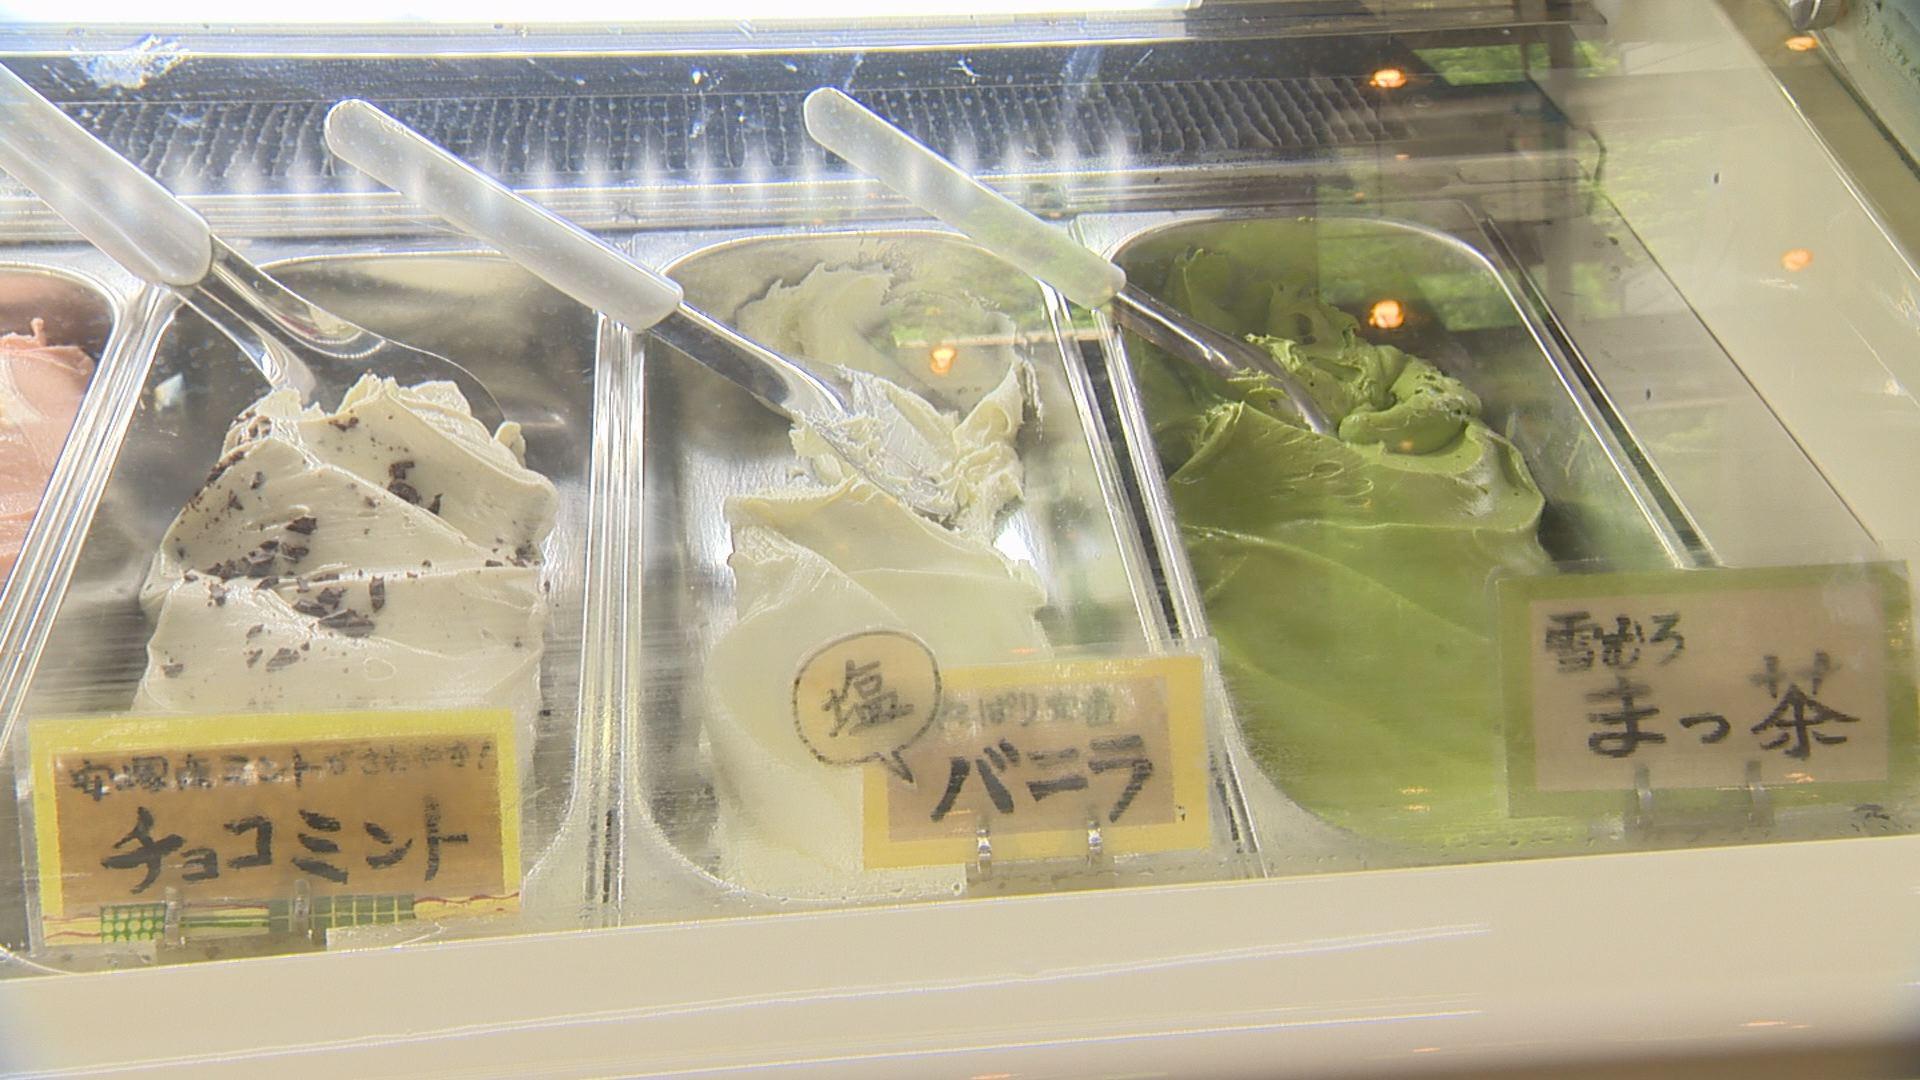 雪だるま物産館 (7)